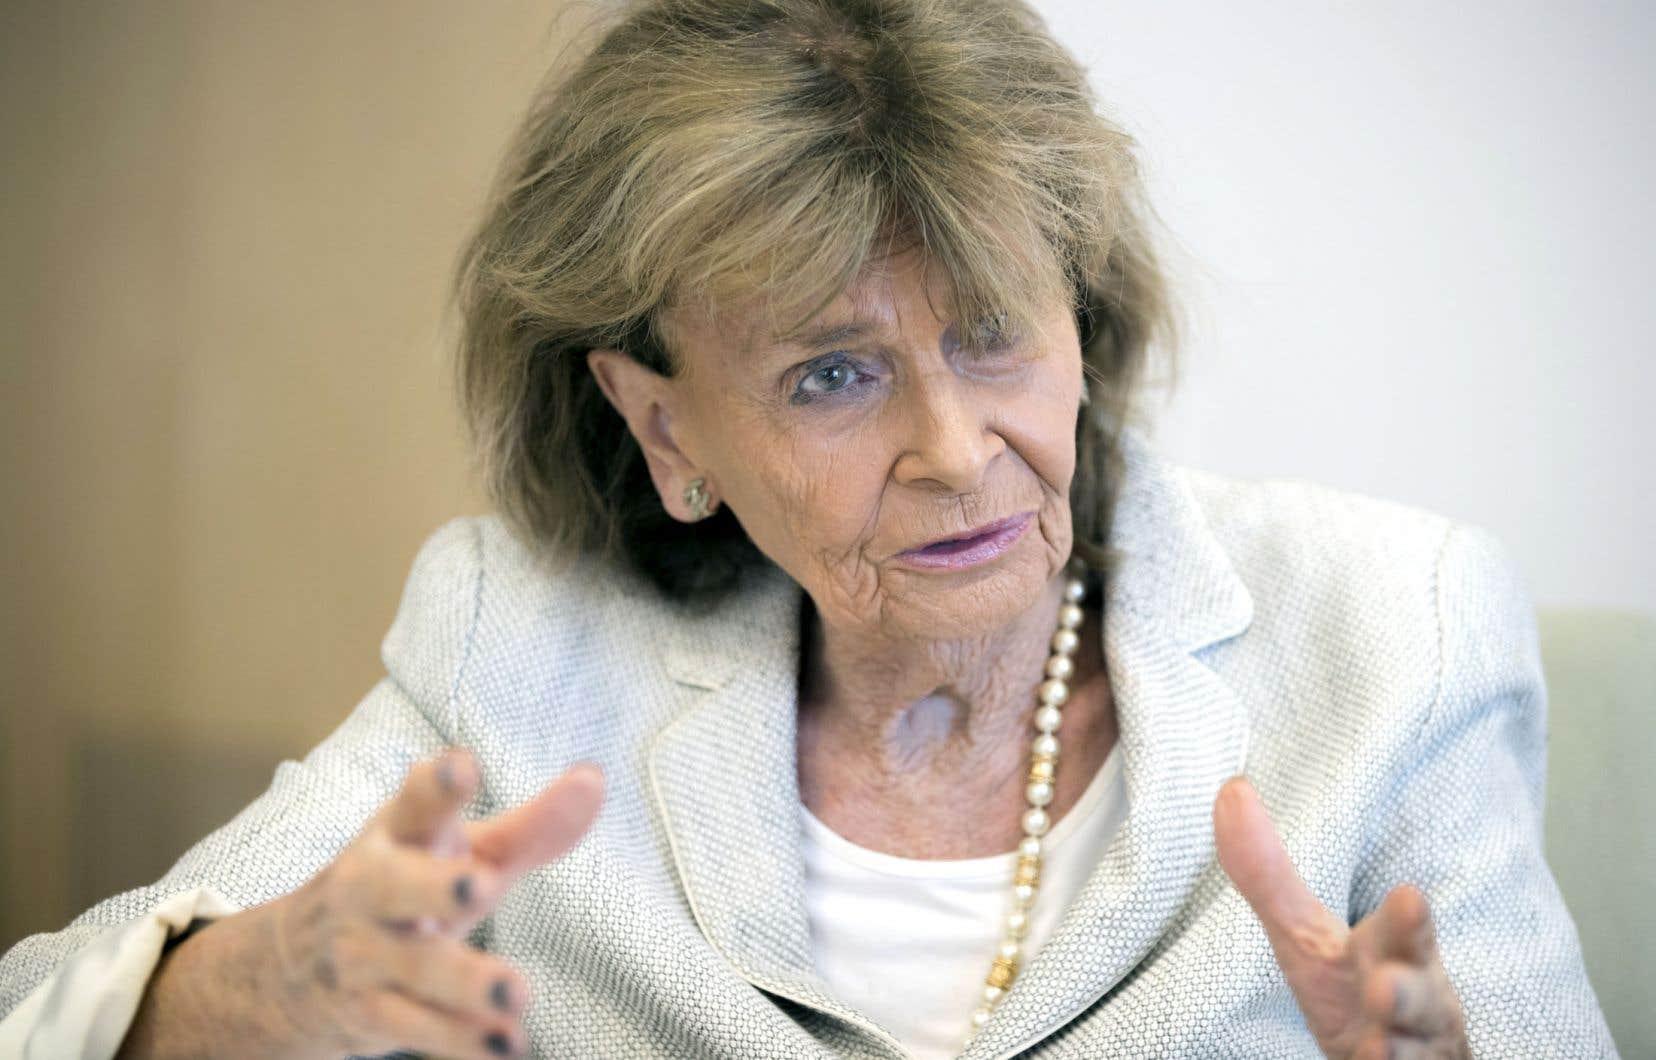 Charlotte Knobloch est présidente de la Communauté juive de Munich et de la Haute-Bavière.